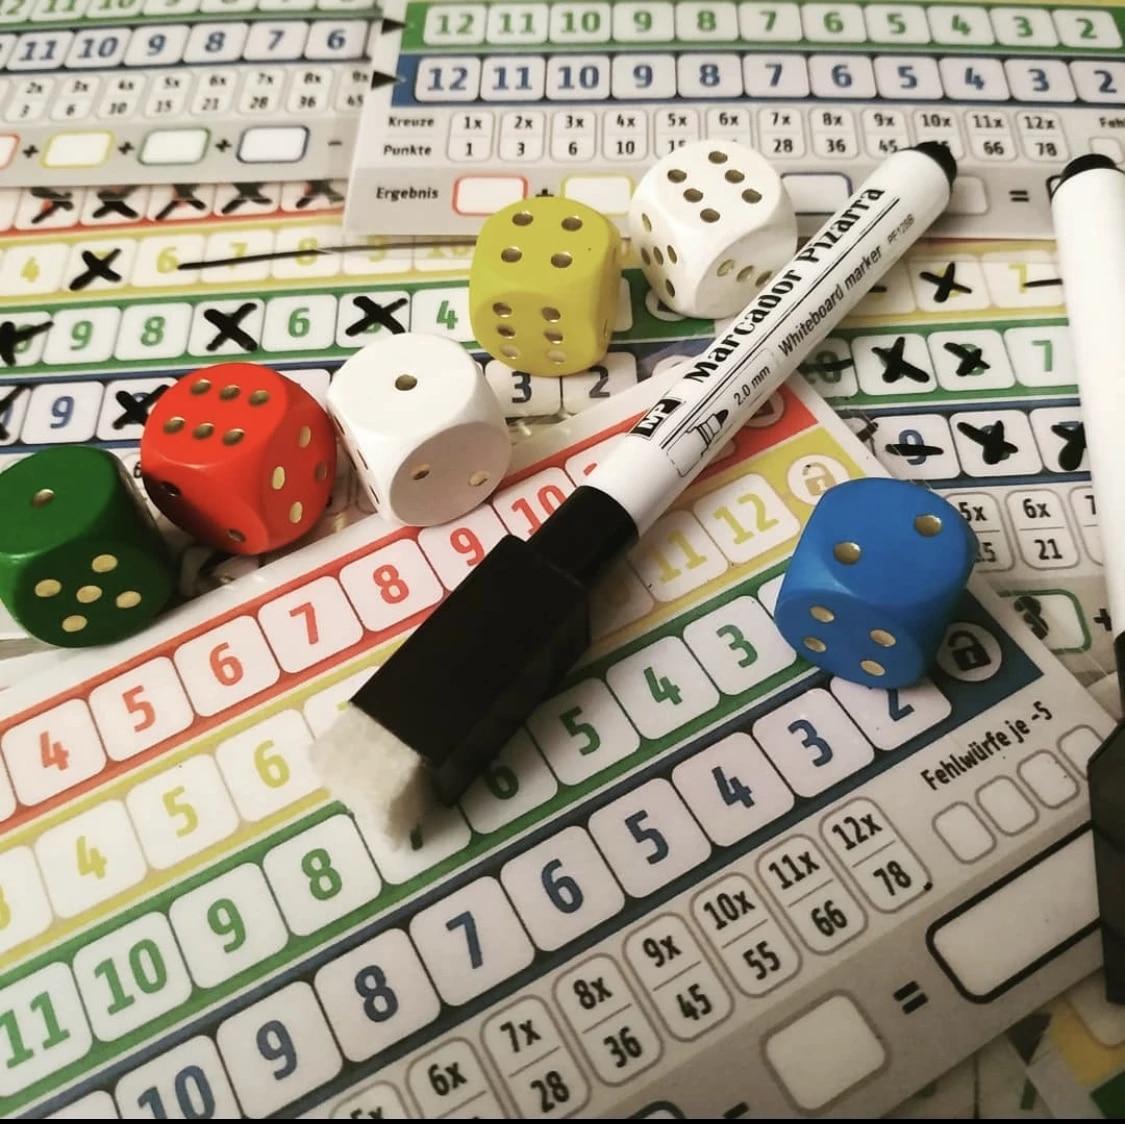 Новейшая настольная игра, карты, игры для вечерние Qwixx, забавная Вечерние